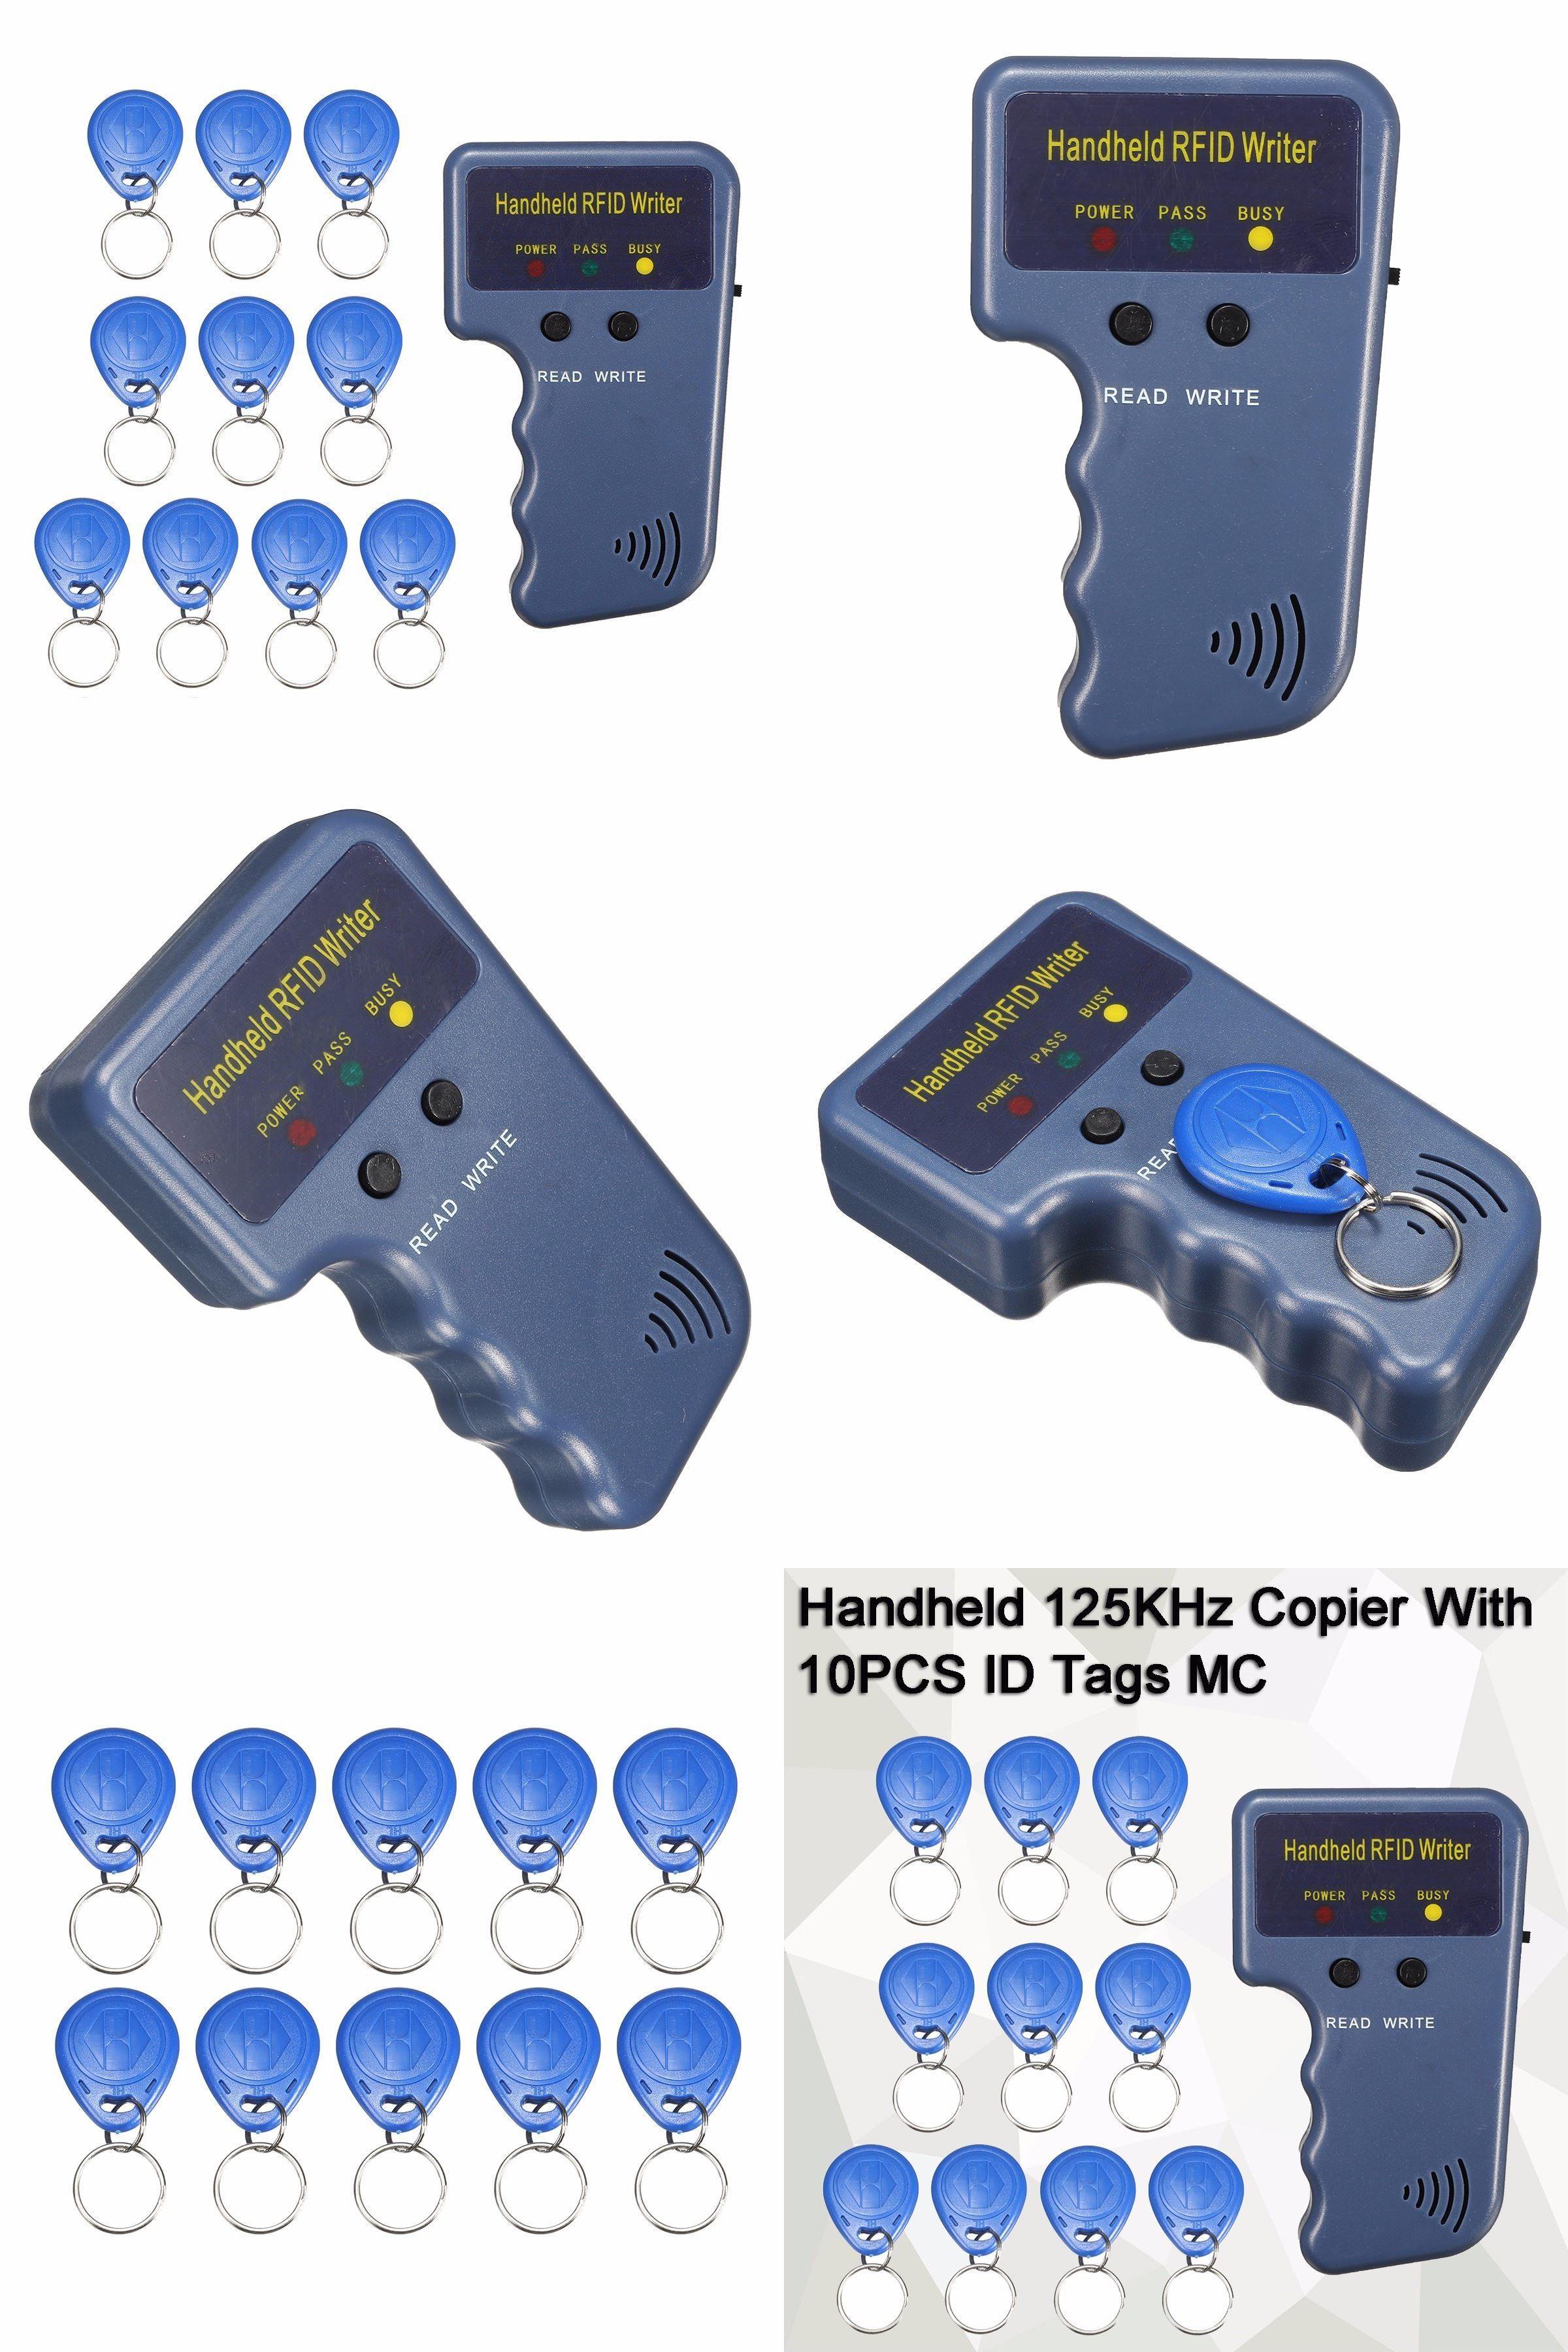 Visit to Buy] RFID 125KHz ID Card Copier Duplicator Handheld Writer